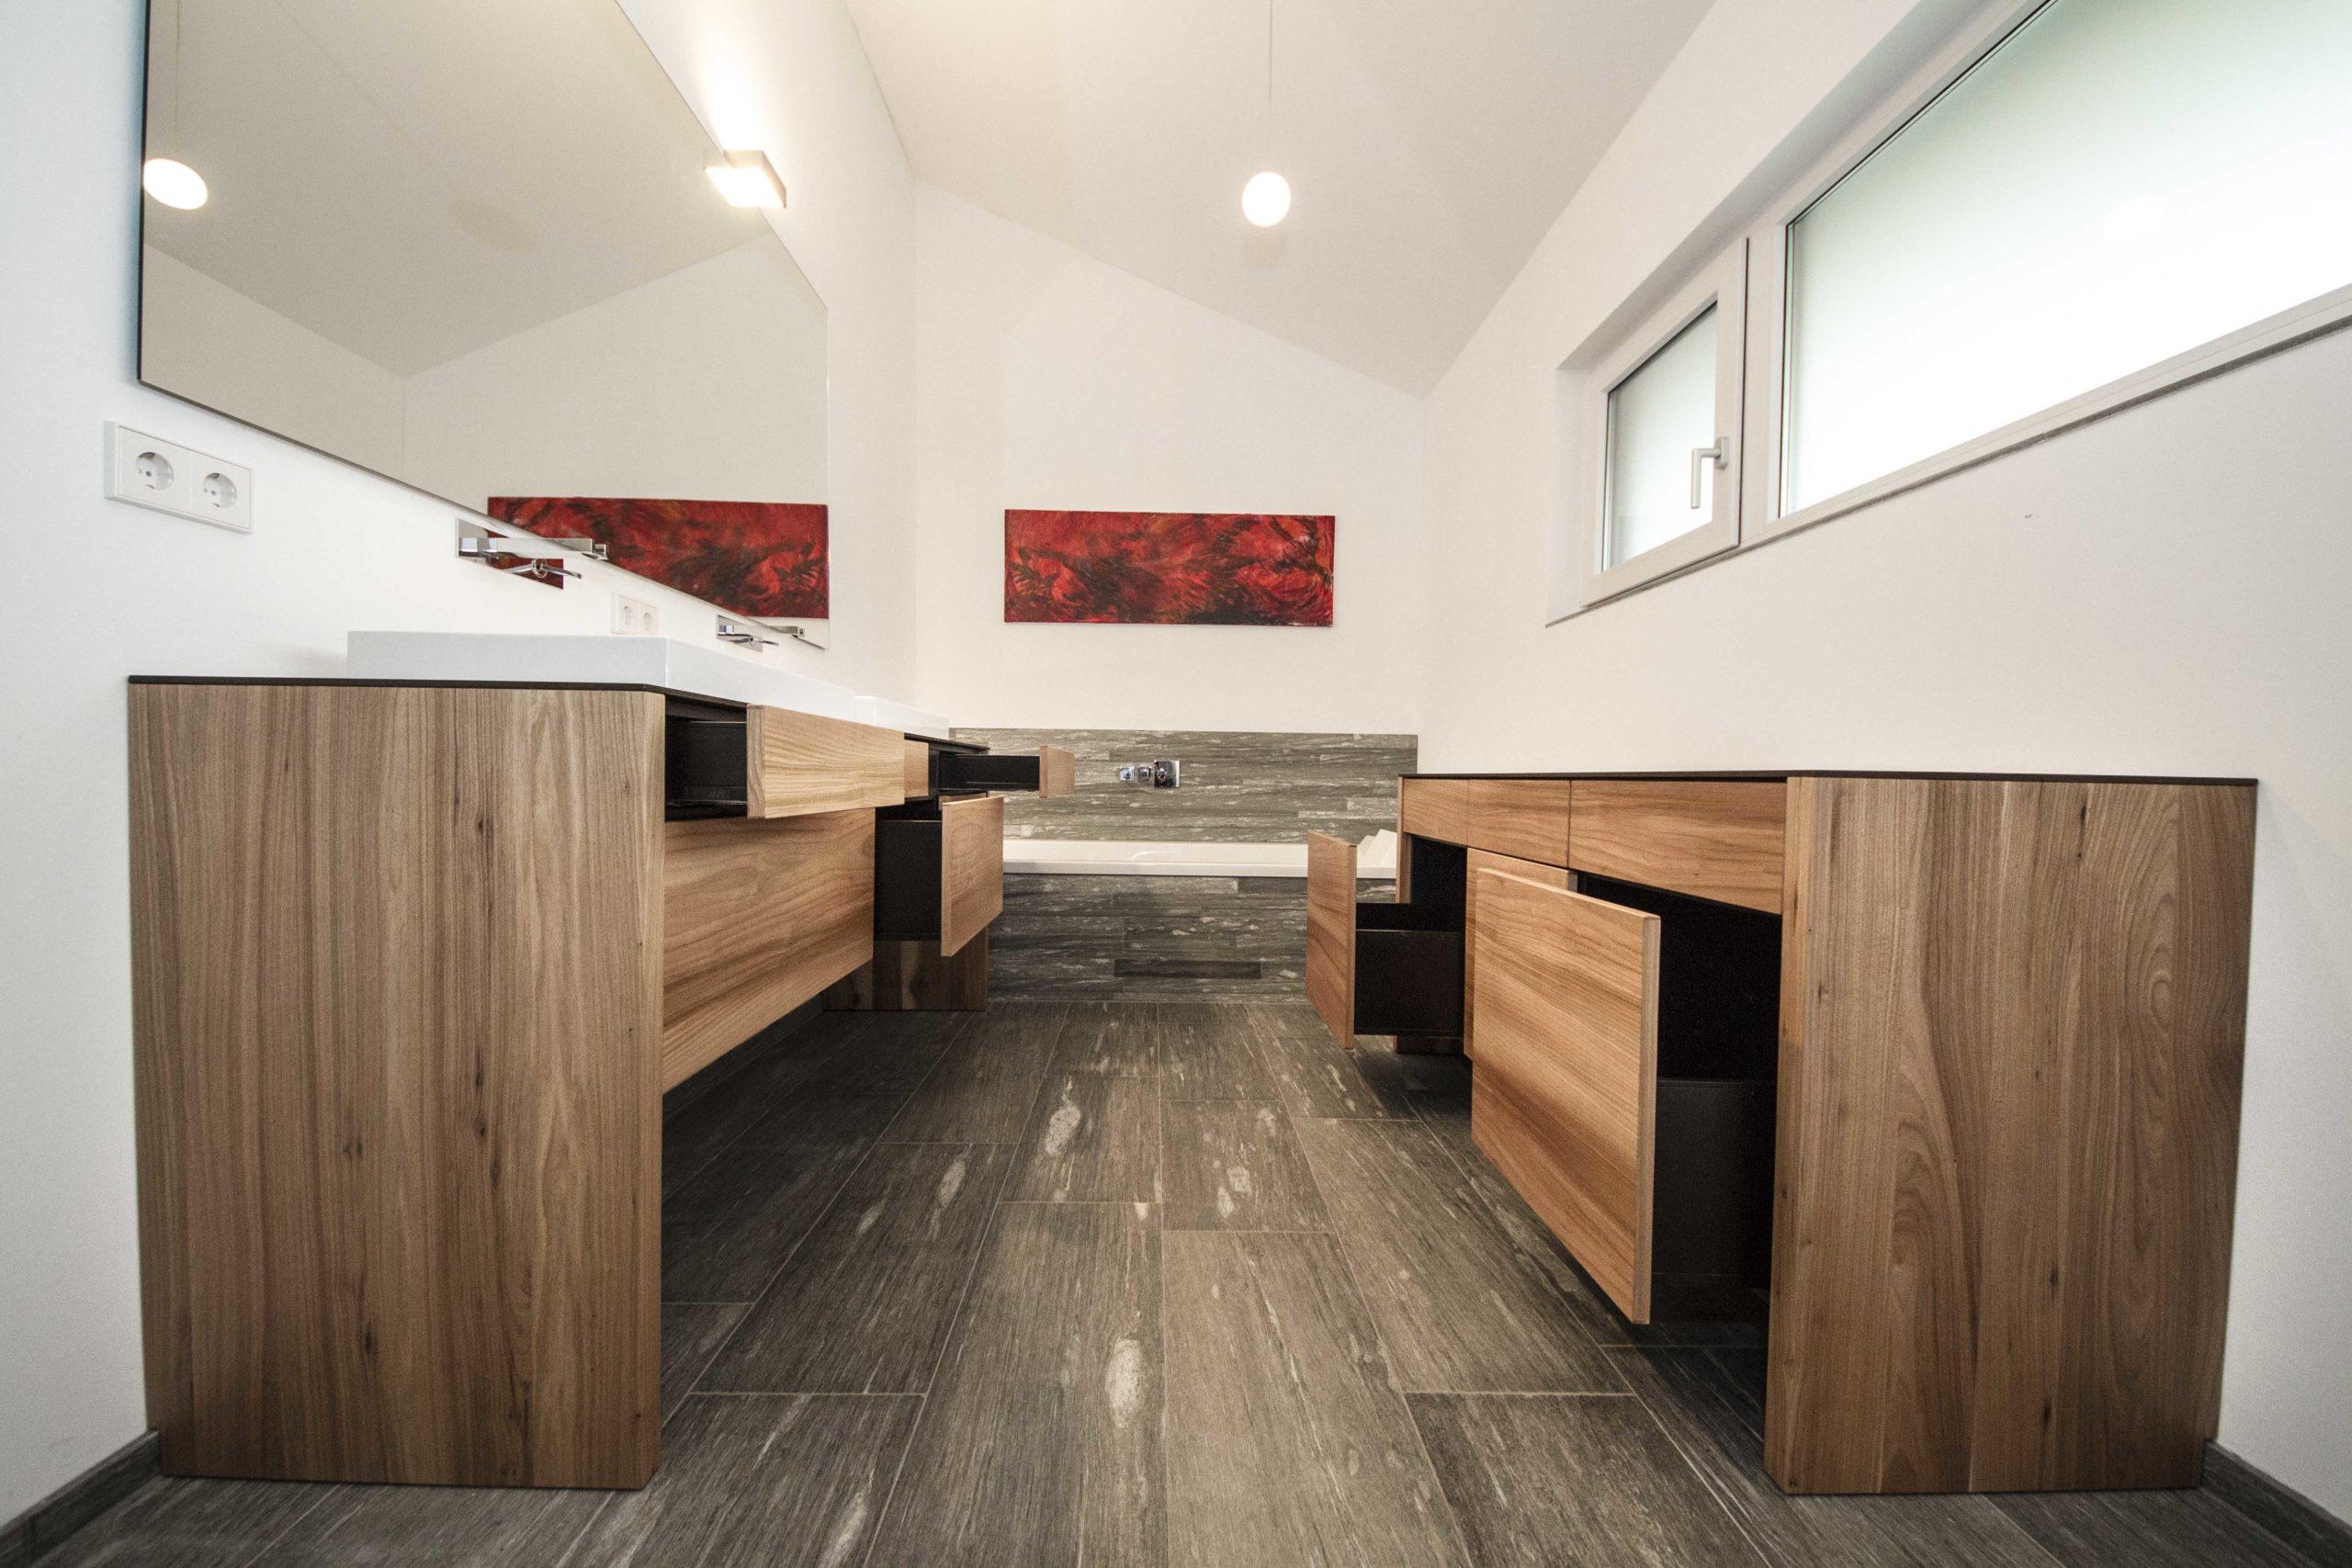 Badezimmer Möbel Corten Rüster Bodensee Nonnenhorn